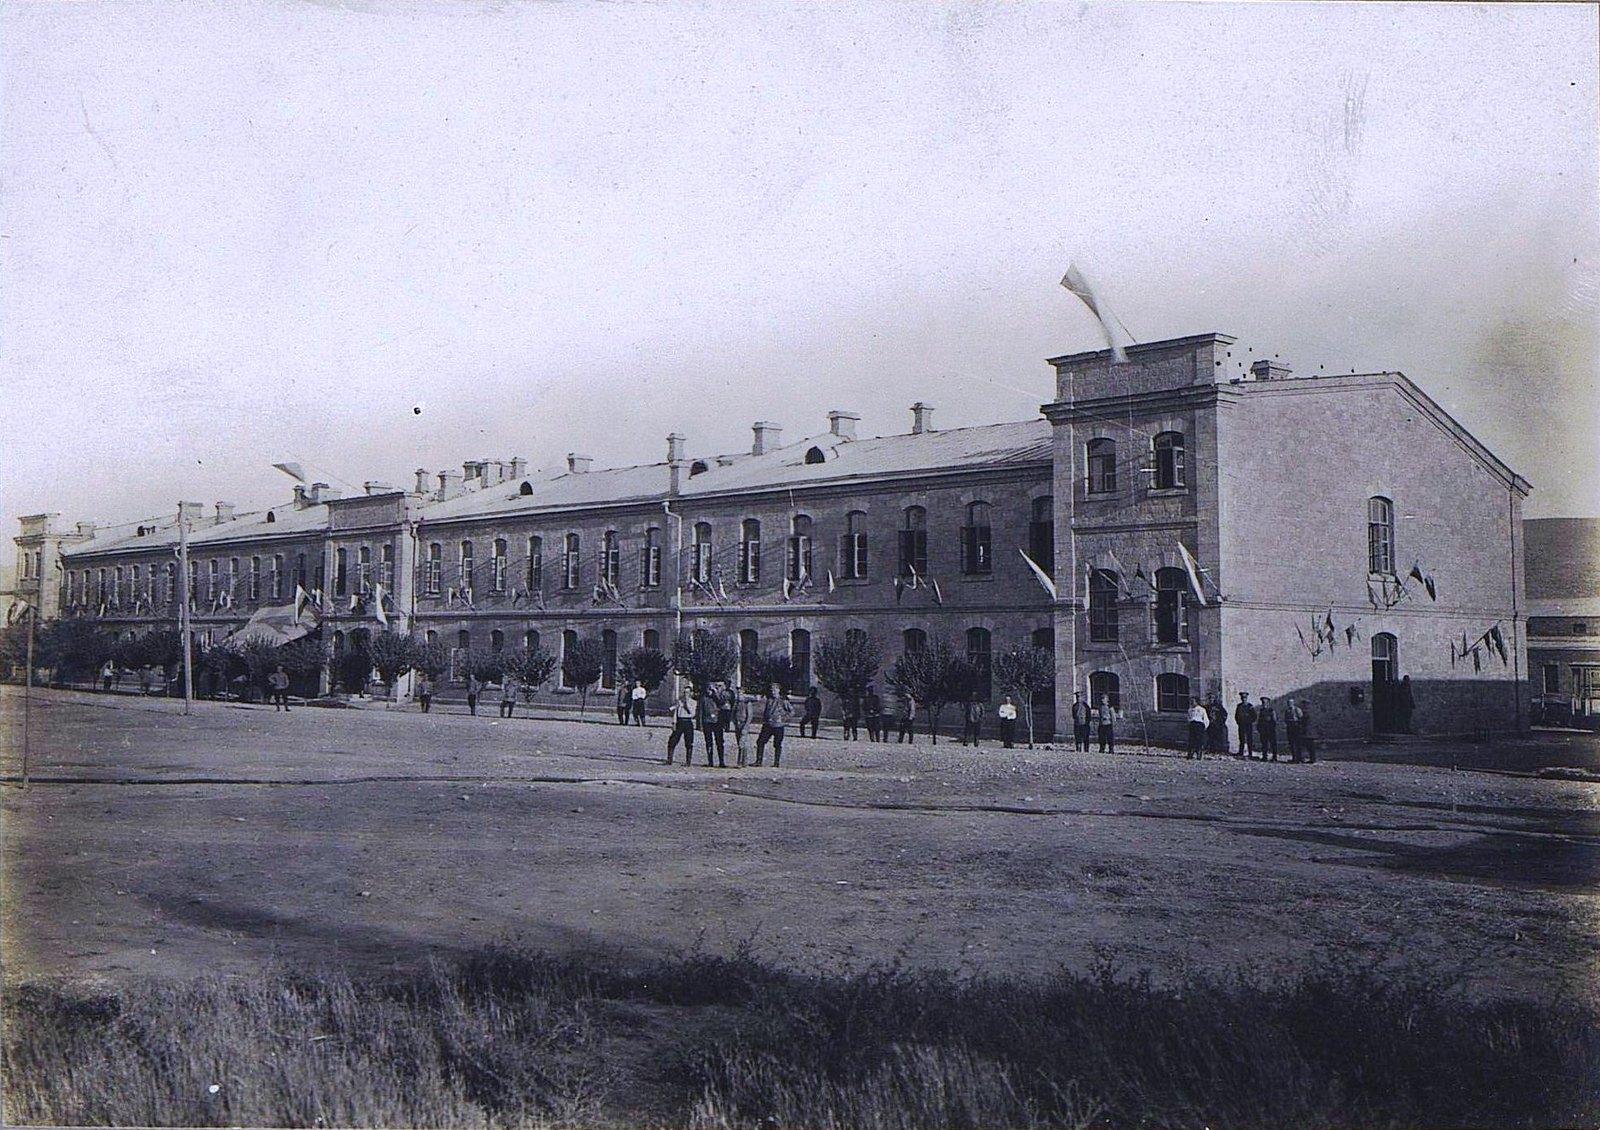 39. Двухэтажное здание с флагами